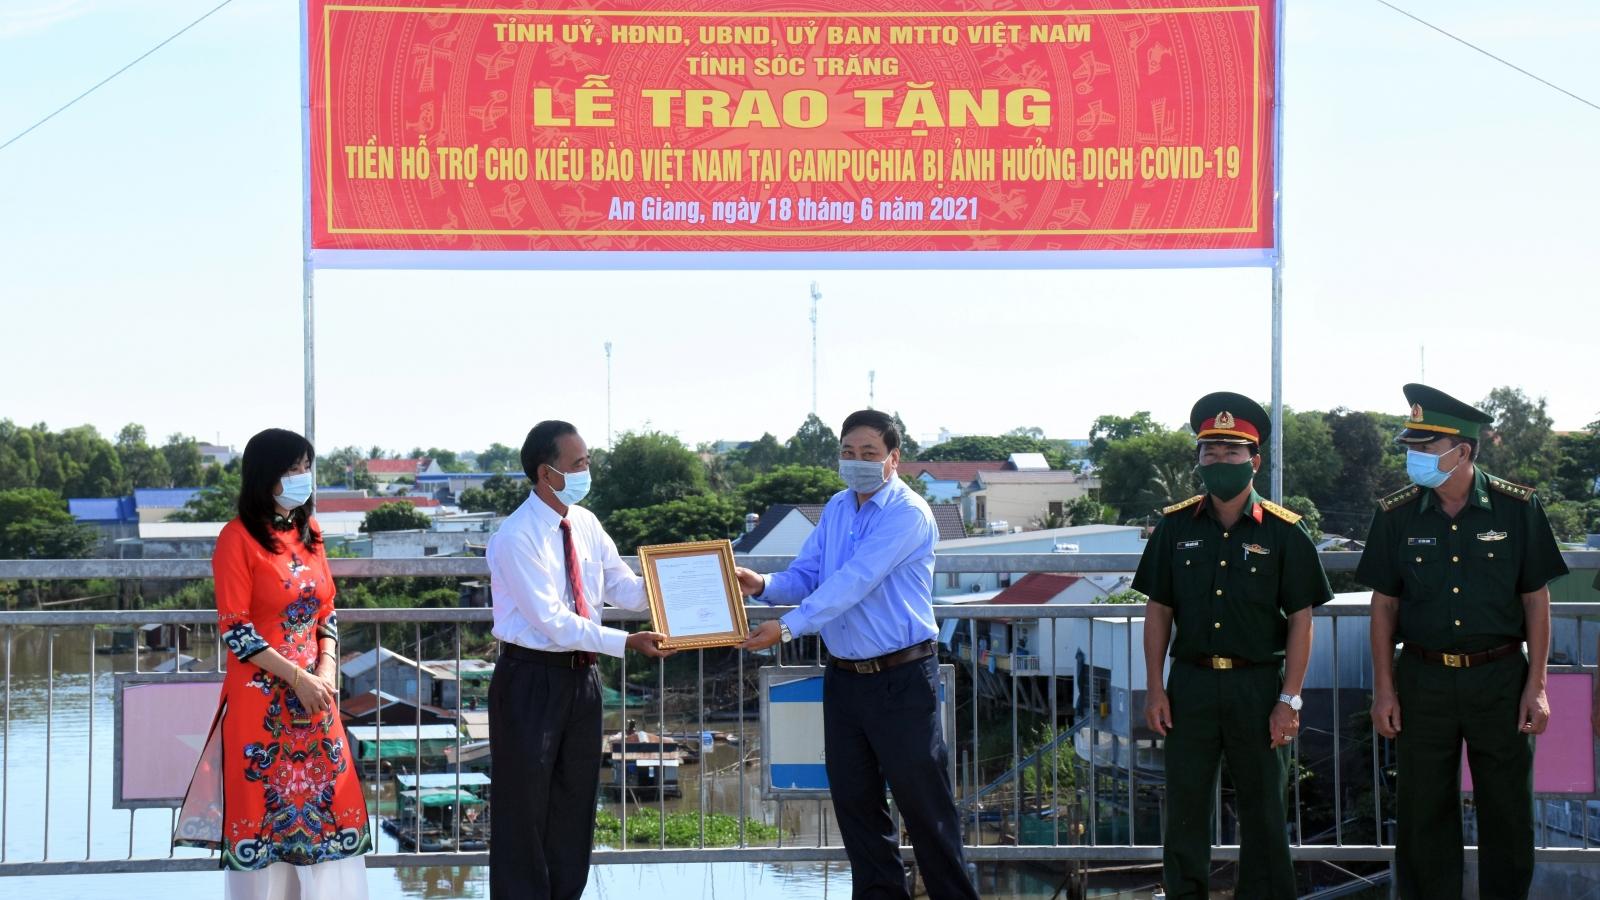 Sóc Trăng hỗ trợ cộng đồng bà con gốc Việt tại Campuchia